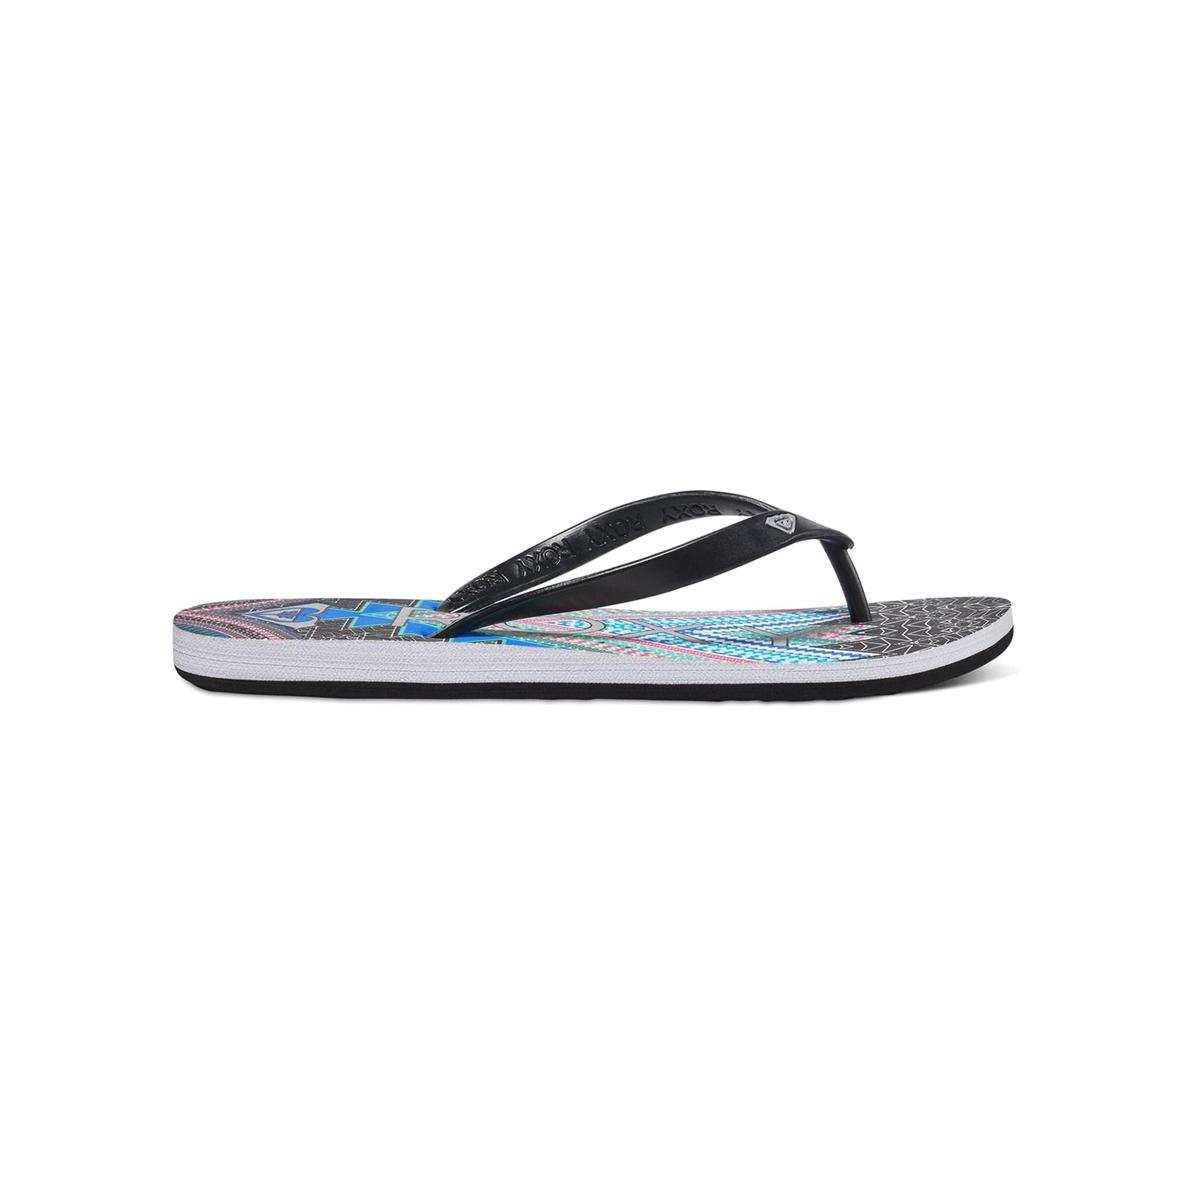 Вьетнамки TahitiВерх : синтетика   Подошва : каучук   Форма каблука : плоский каблук   Мысок : открытый мысок   Застежка : без застежки<br><br>Цвет: черный